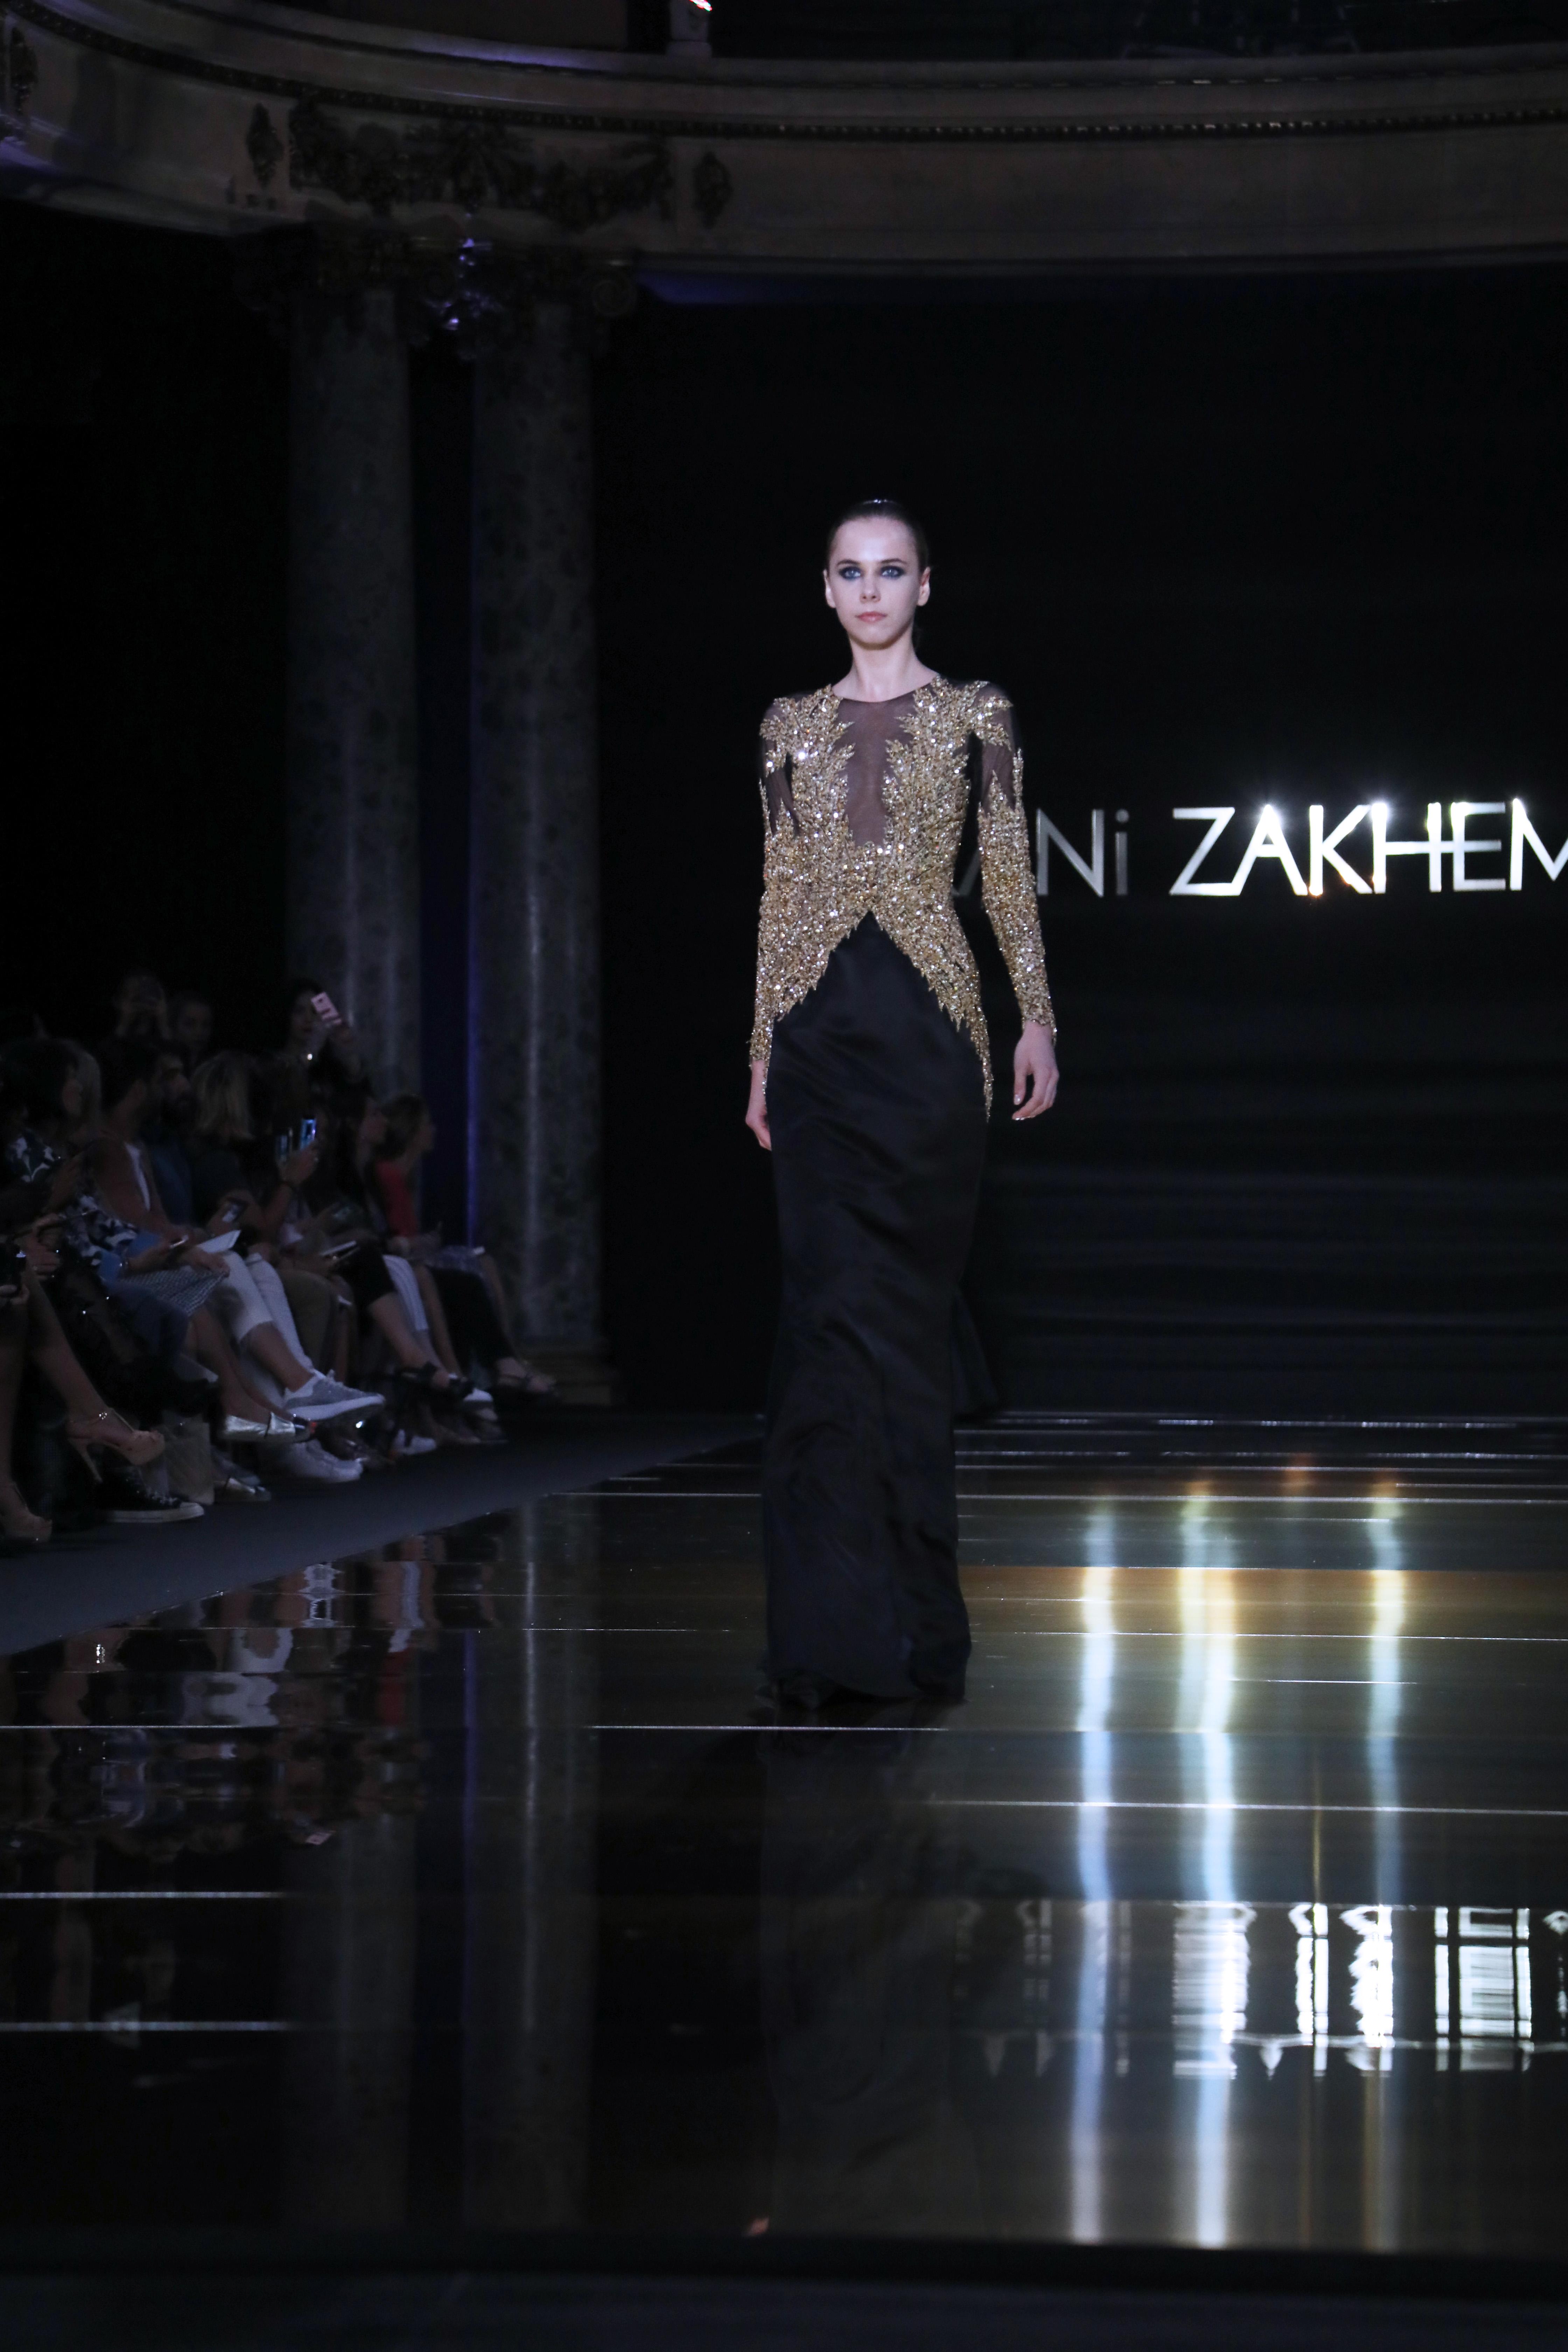 Rani Zakhem121